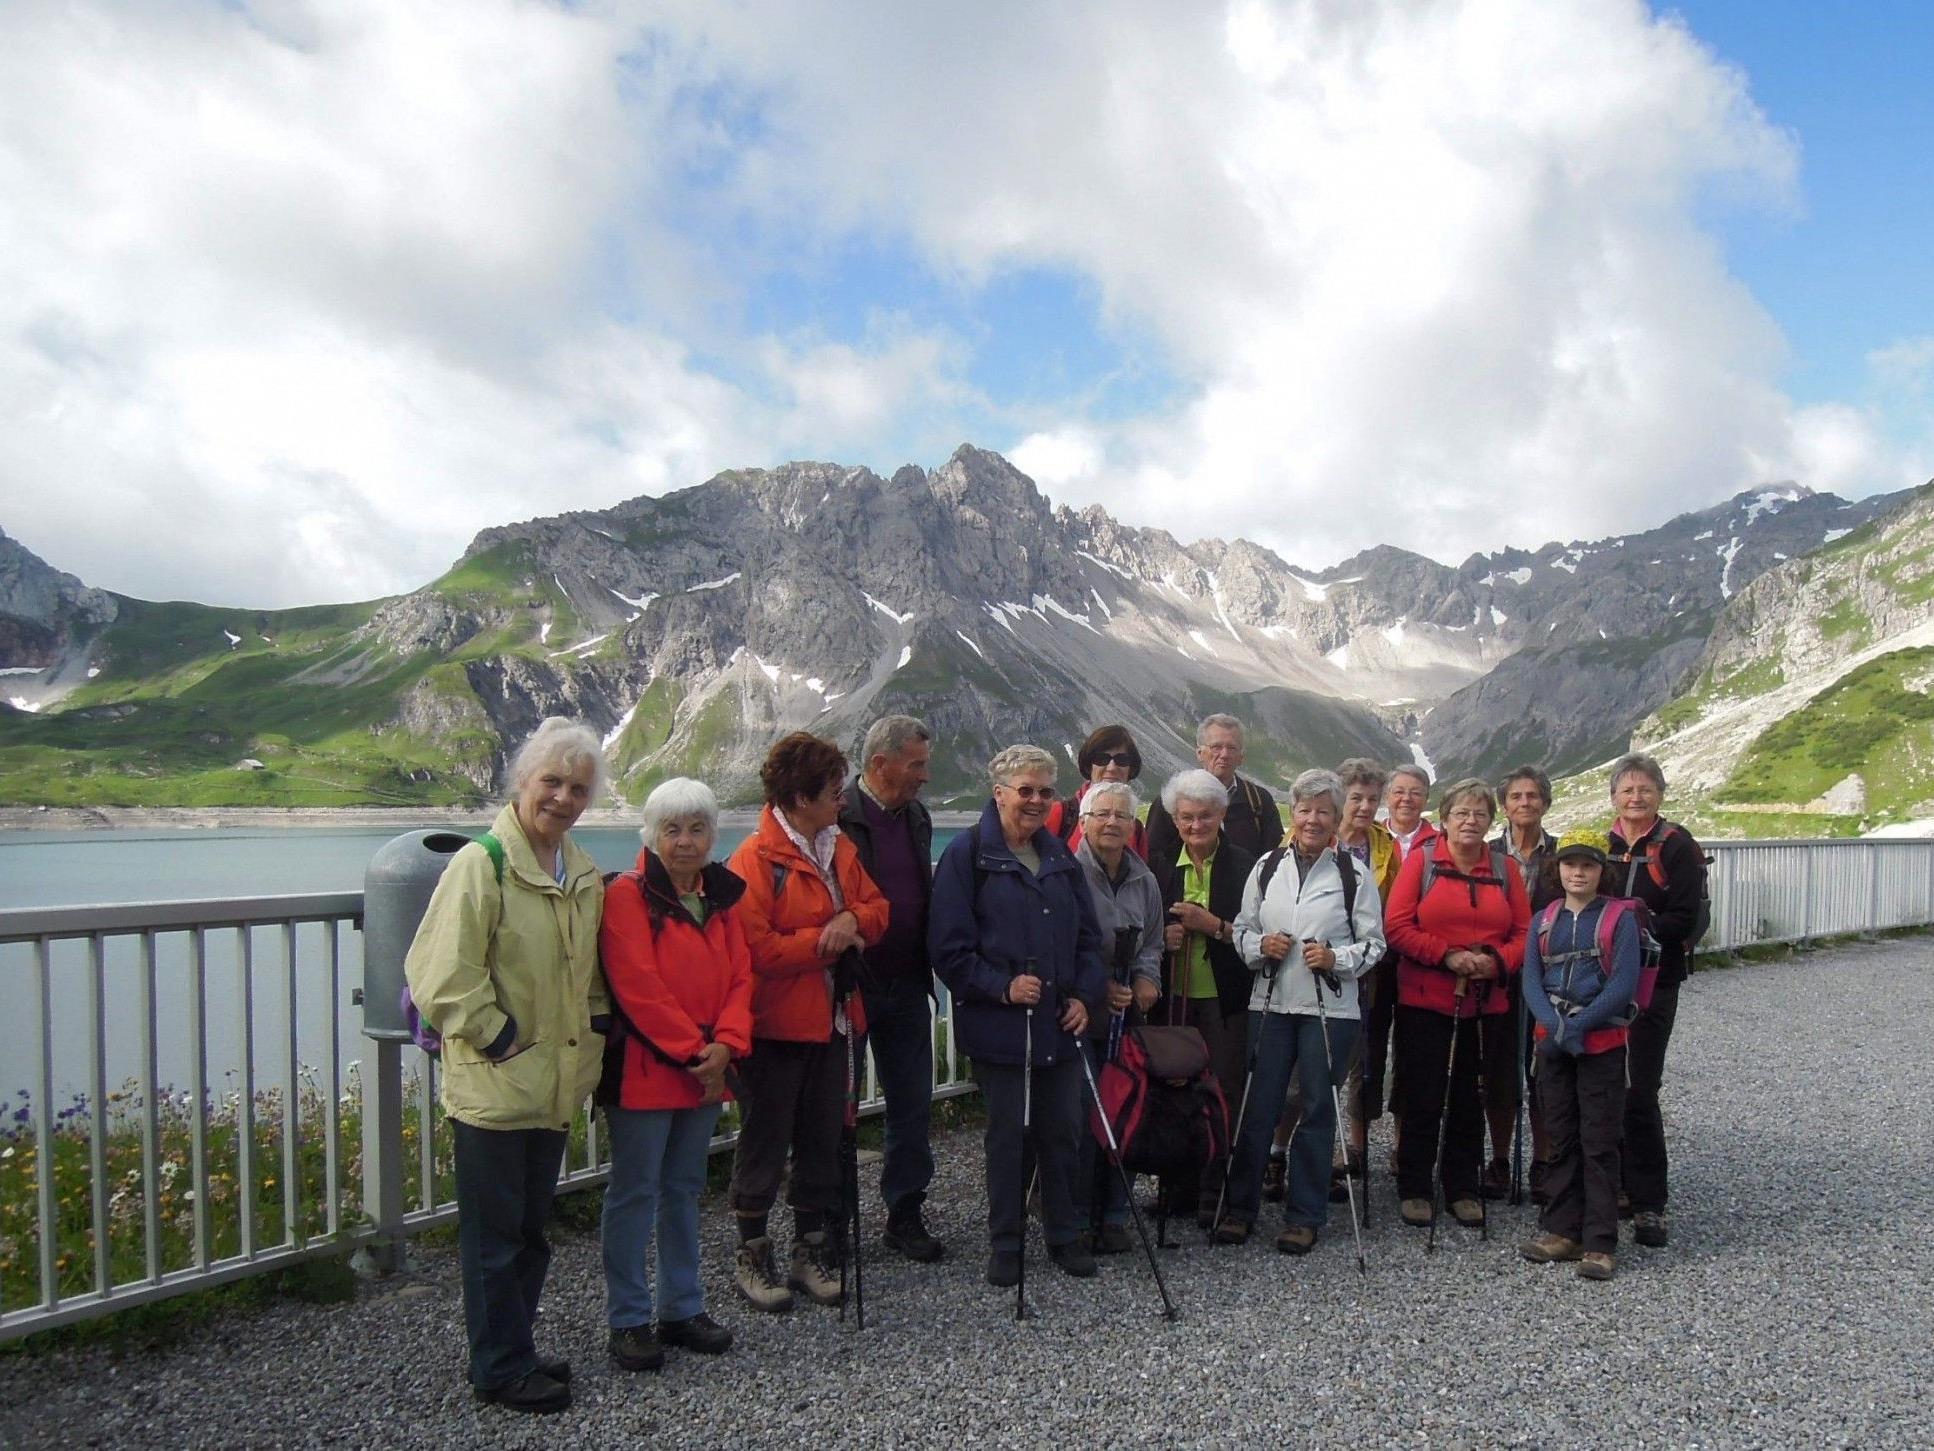 Der Seniorenbund Nüziders auf herrlich schöner Wanderung am Lünersee.